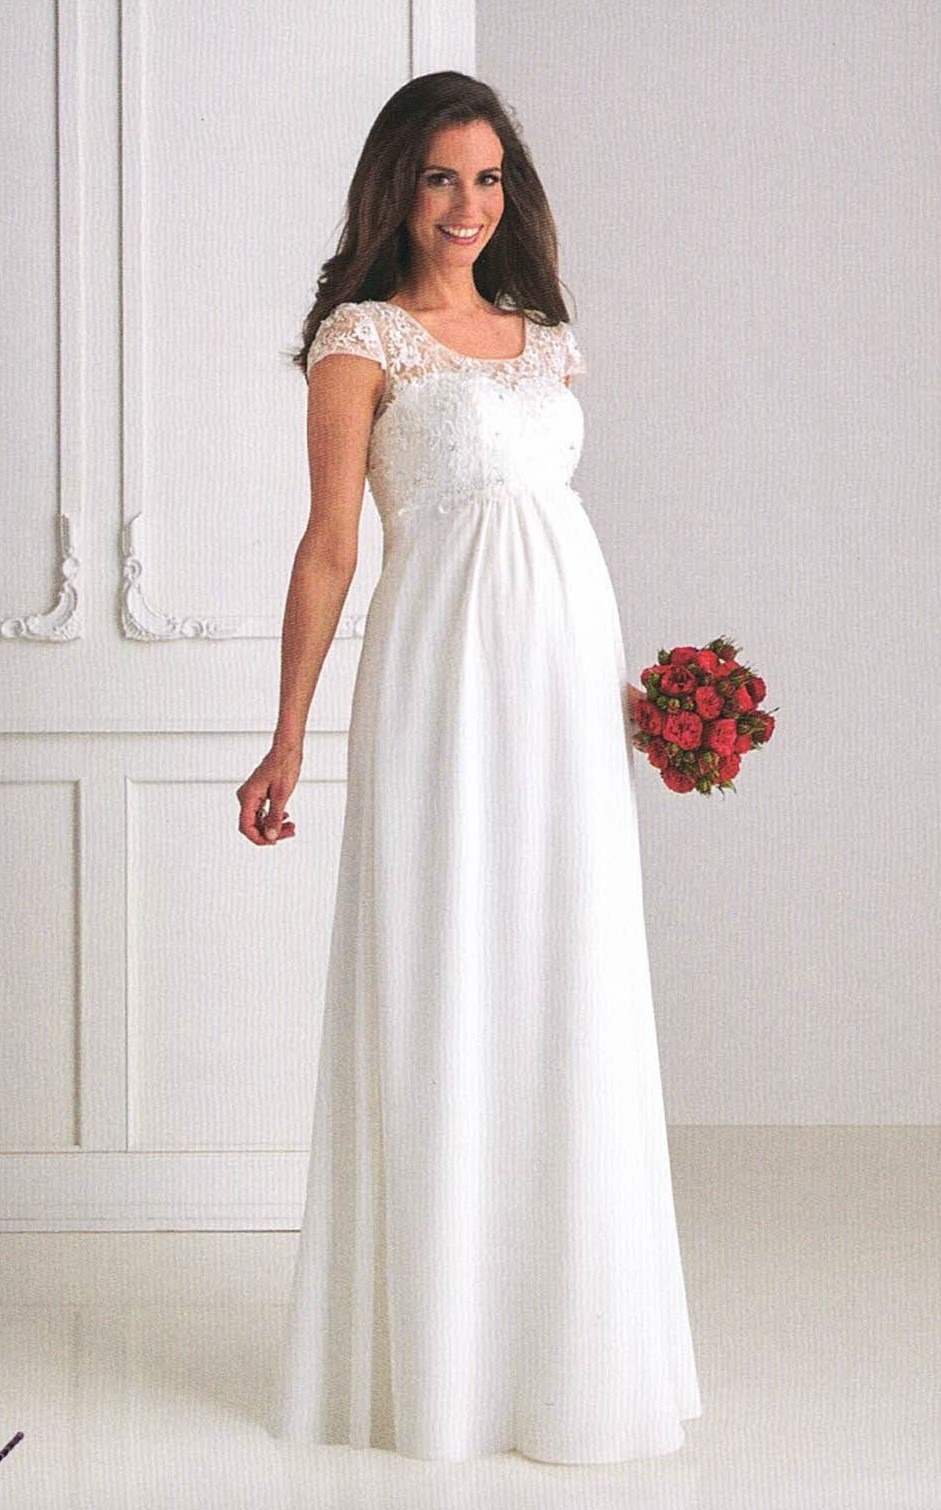 Brautkleider Hochzeitskleider Mode für Schwangere. Langes Kleid mit Spitze und kleinem Ärmel, runder Halsauschnitt